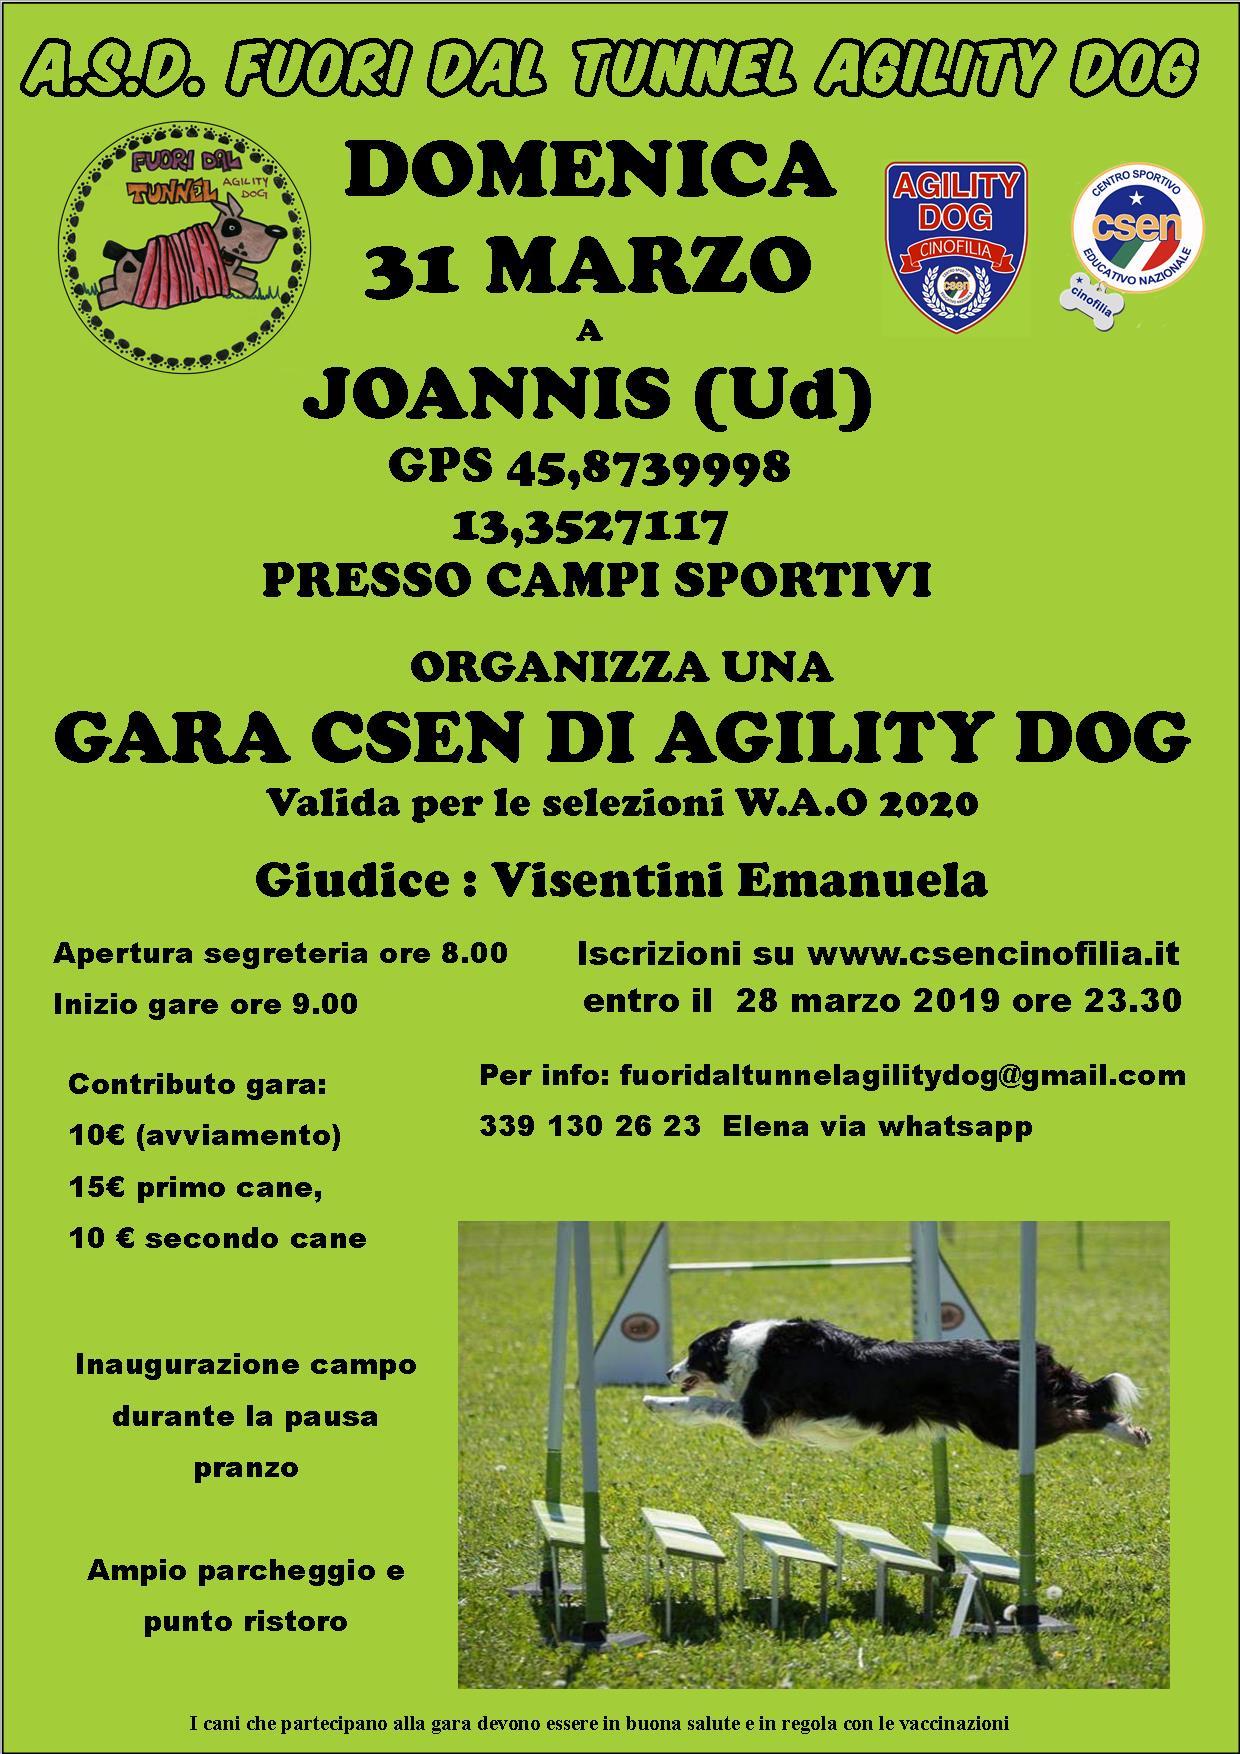 Calendario Vaccinale Fvg.Gara Agility 31 Marzo 2019 Joannis Ud Csen Friuli